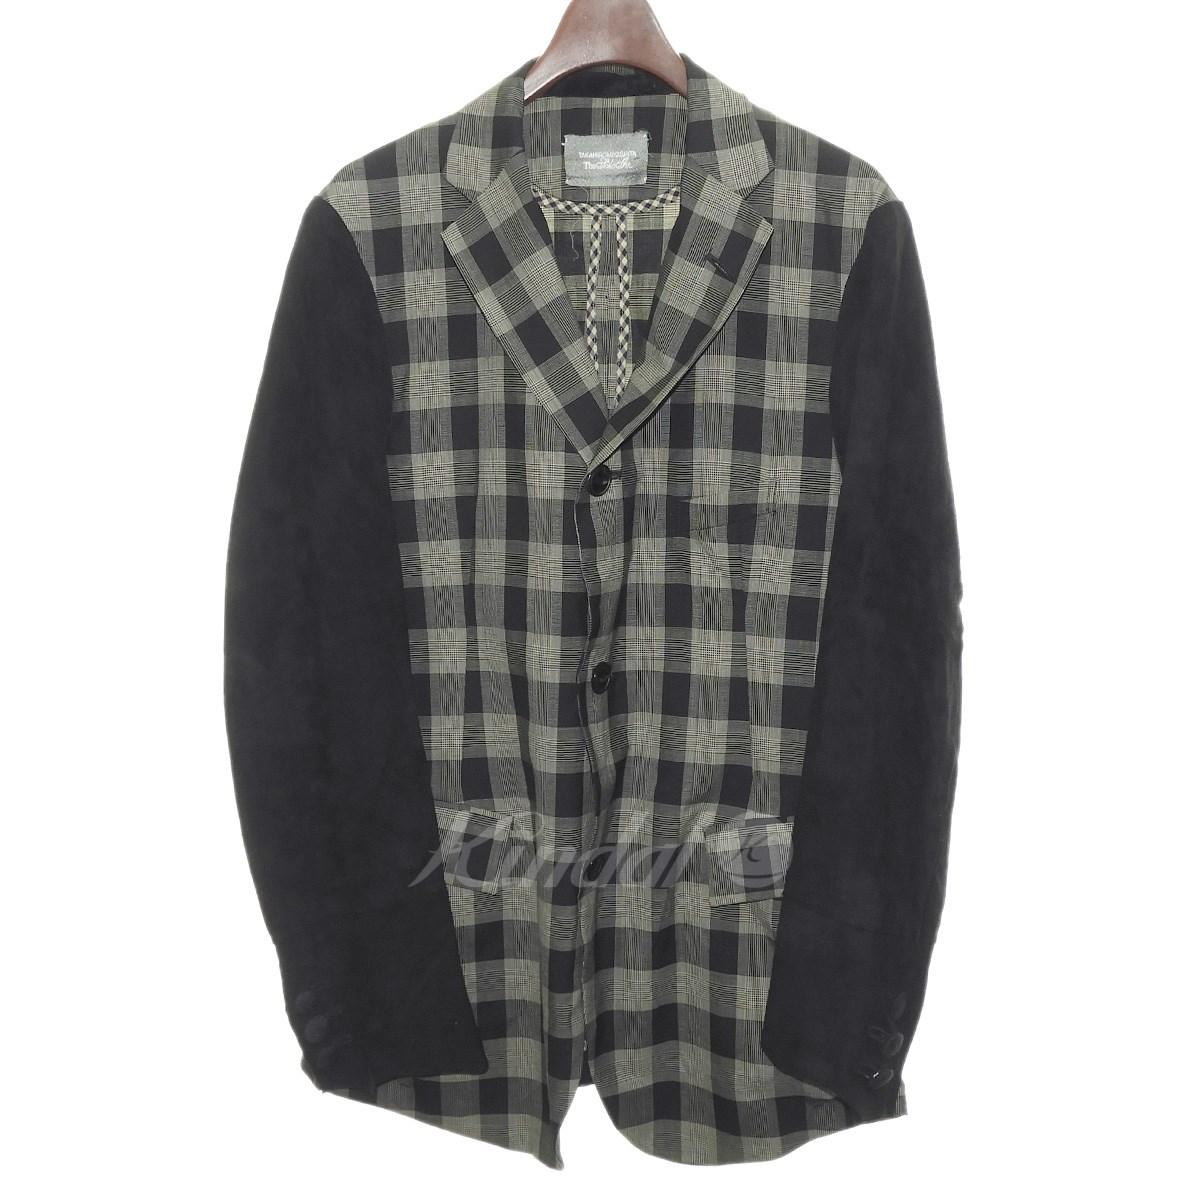 【中古】TAKAHIROMIYASHITA TheSoloIst.スウェードスリーブチェックジャケット ブラック サイズ:M